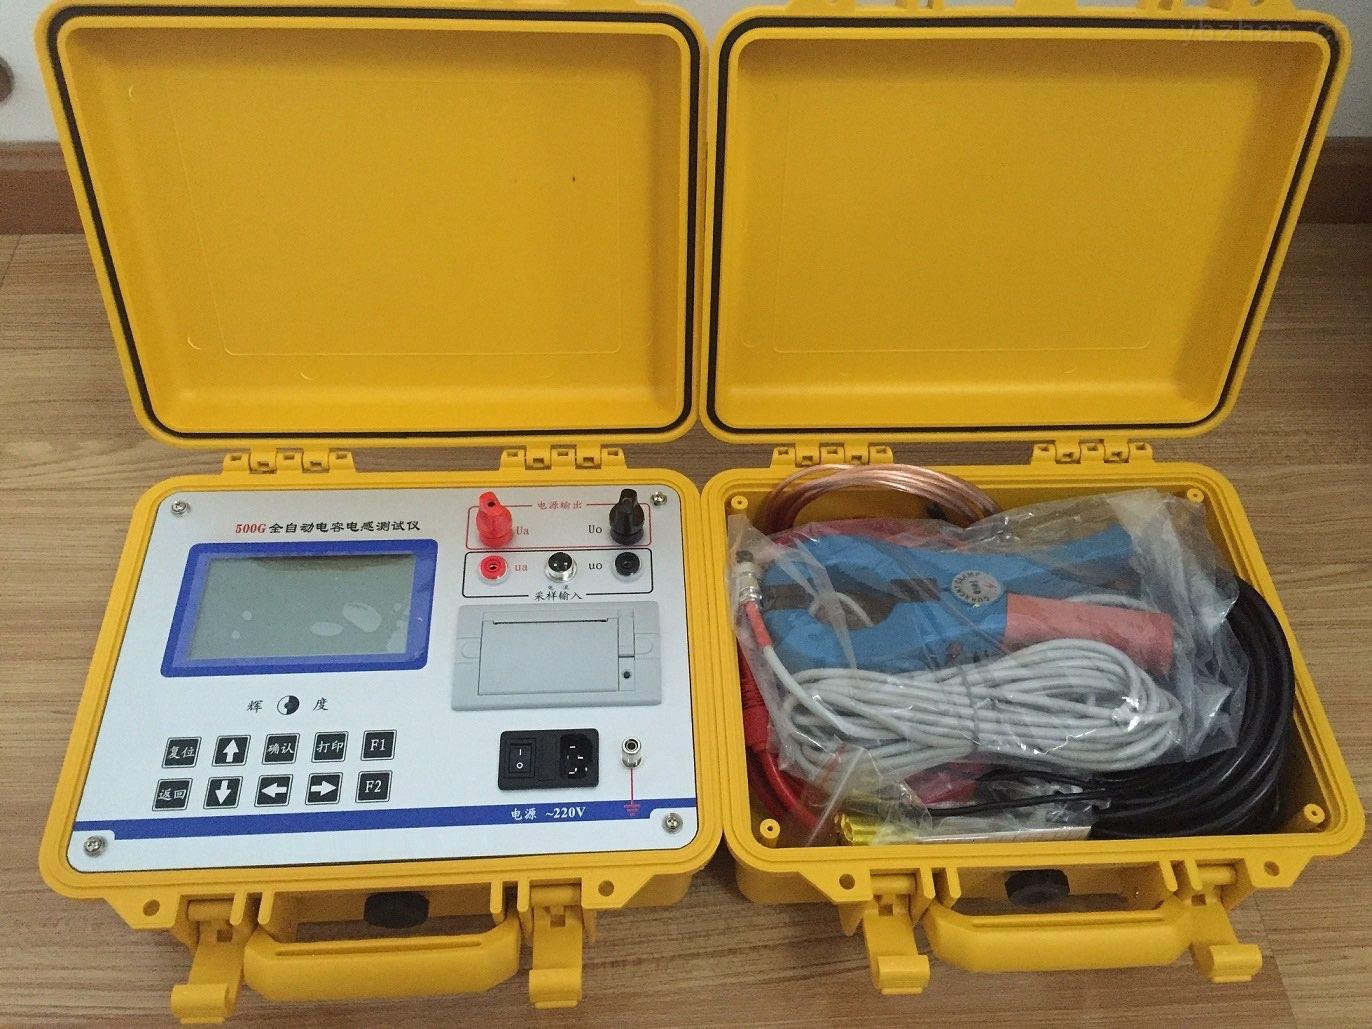 高稳定电容电感测试仪-带打印